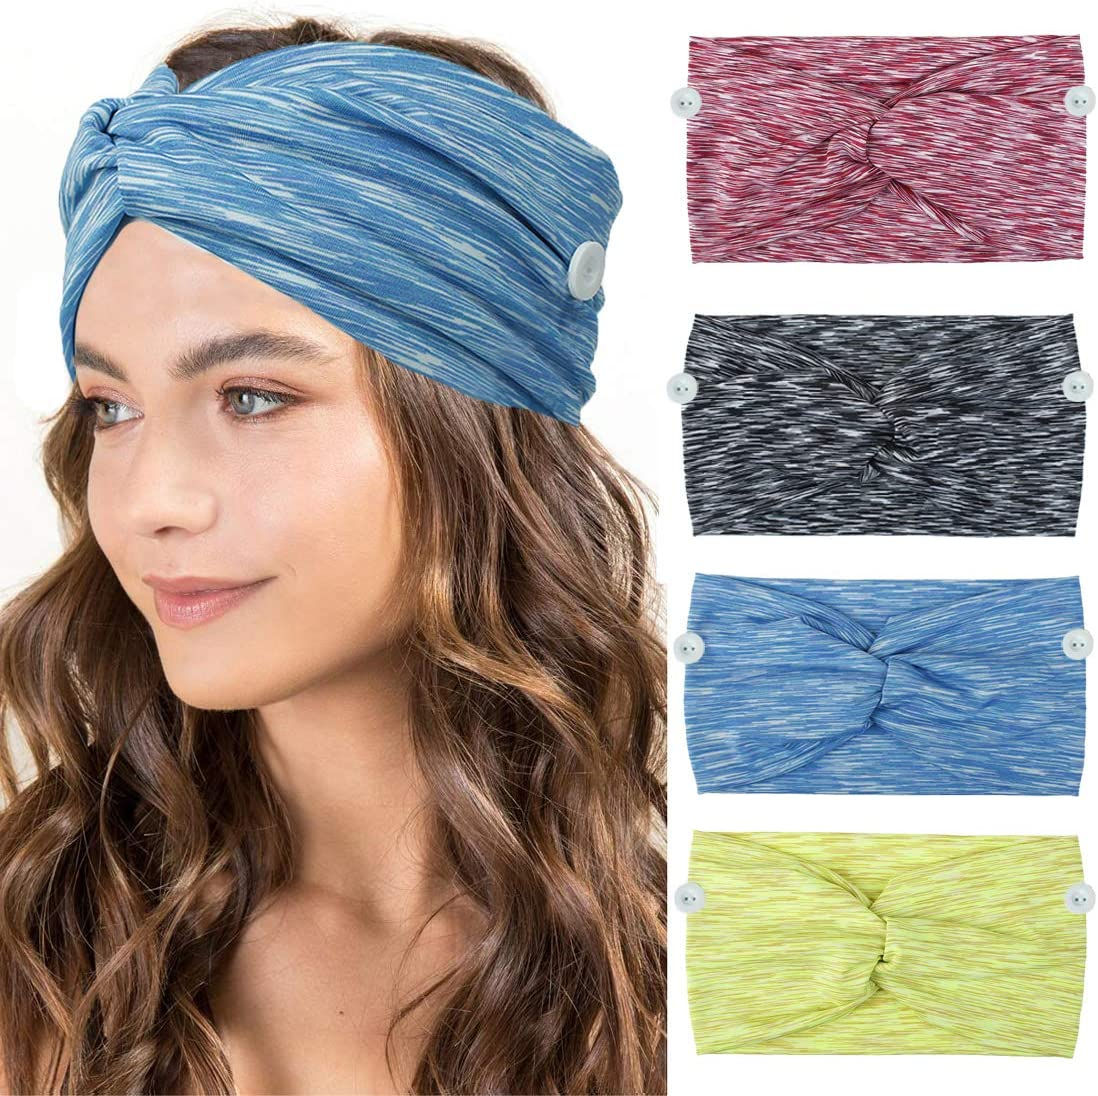 Diademas con botones para enfermeras Doctores Mujeres Twisted Criss Cross Turbante Headwrap Banda elástica para el cabello